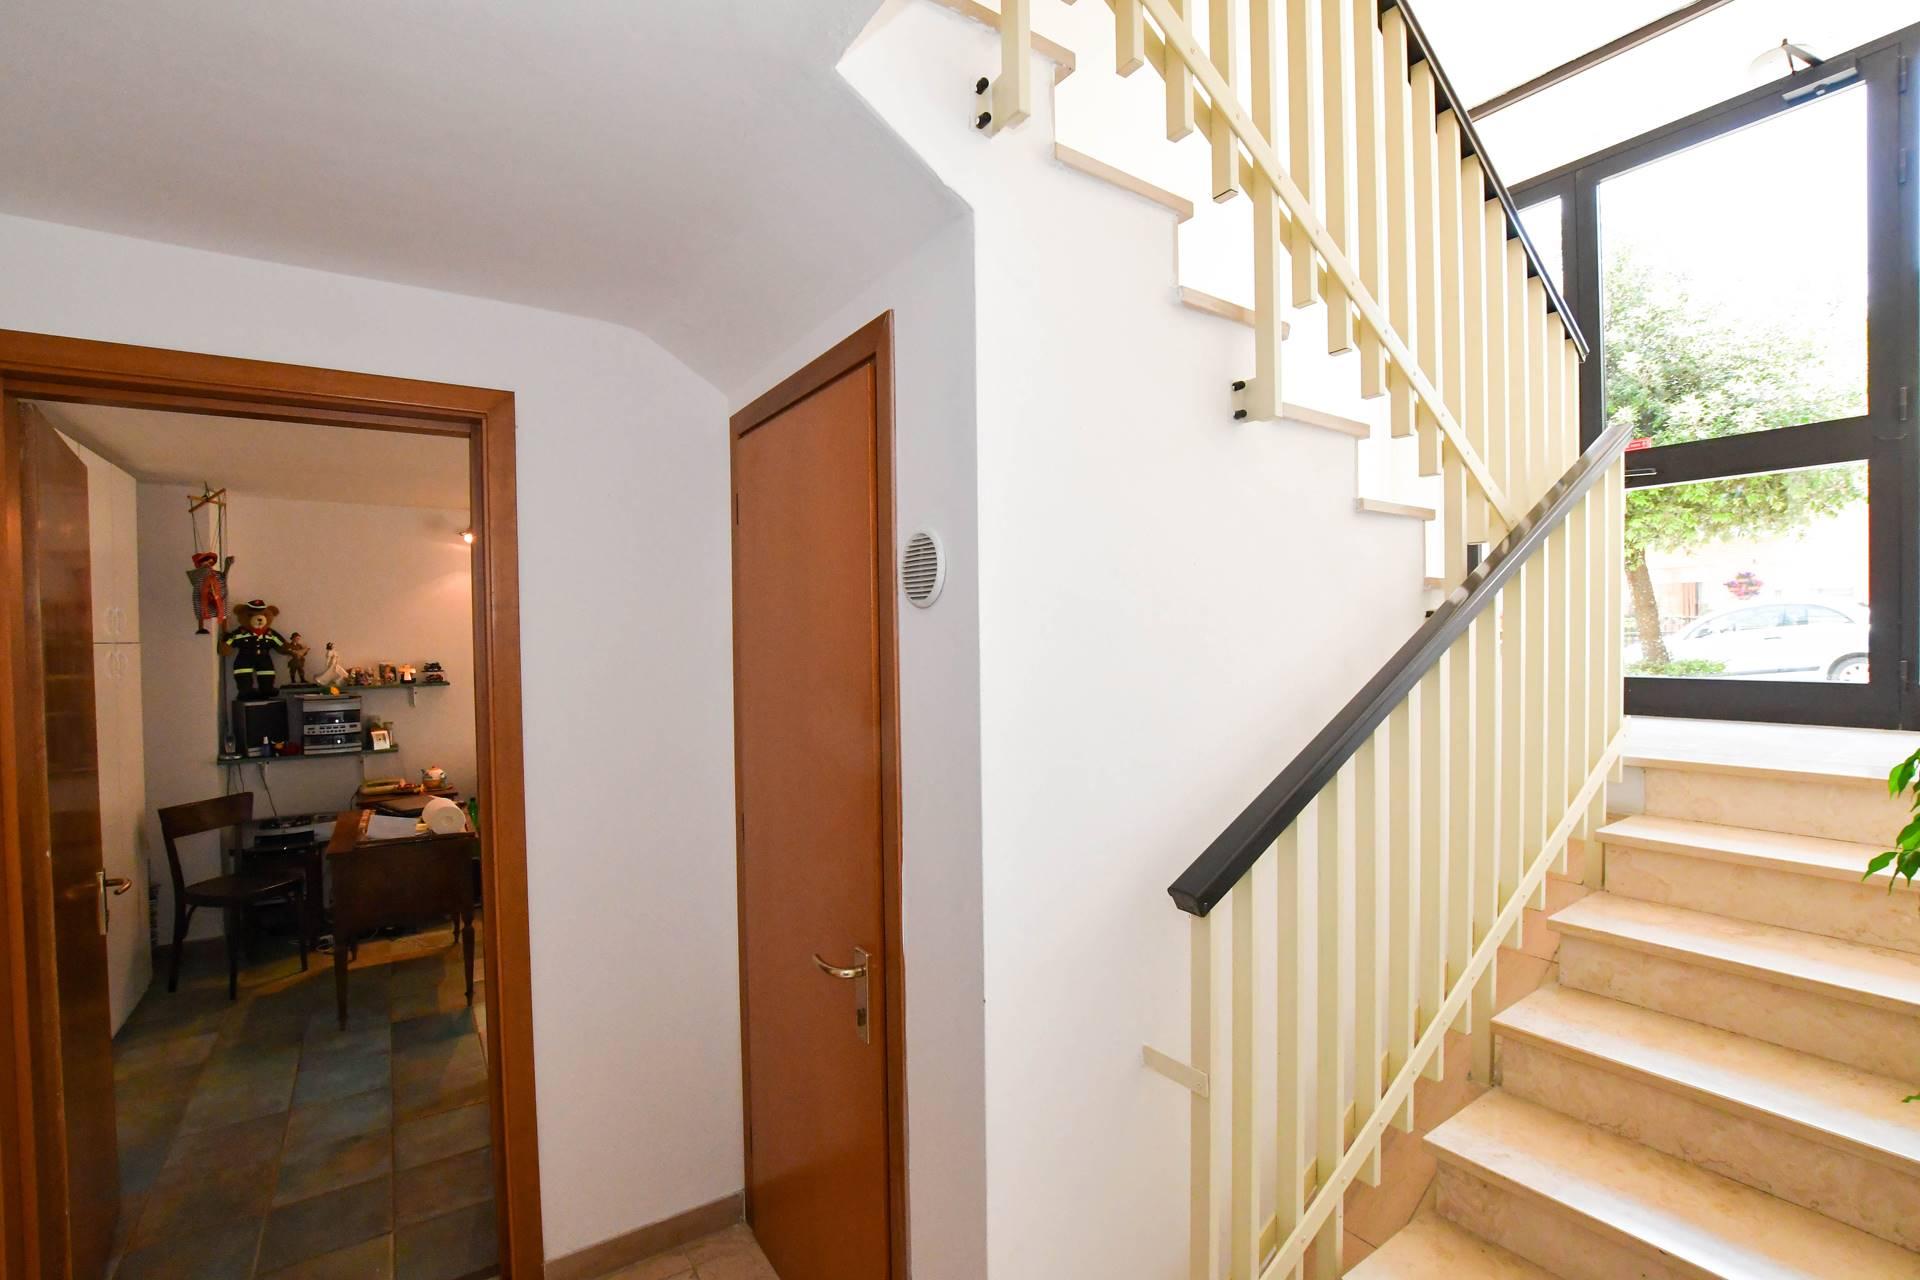 Acceso garage interno scale condominiali